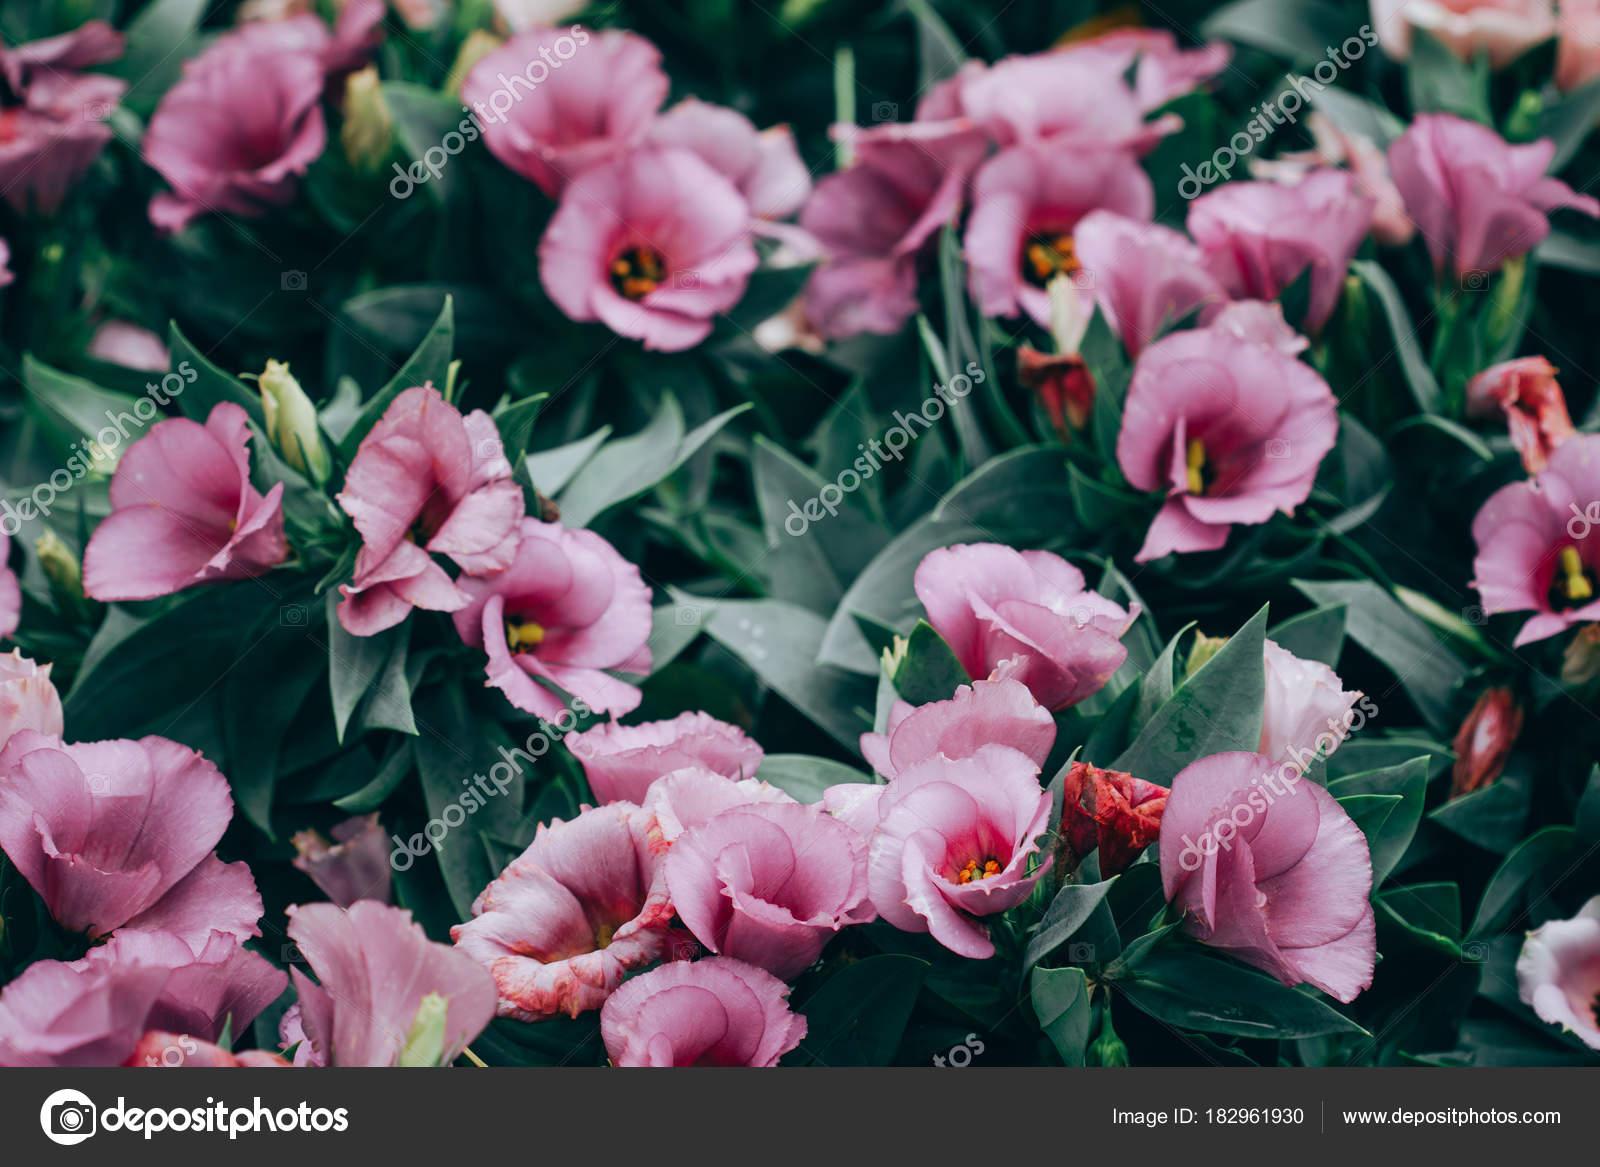 Nahaufnahme Der Lisianthus Oder Eustoma Blütenpflanzen Im Garten